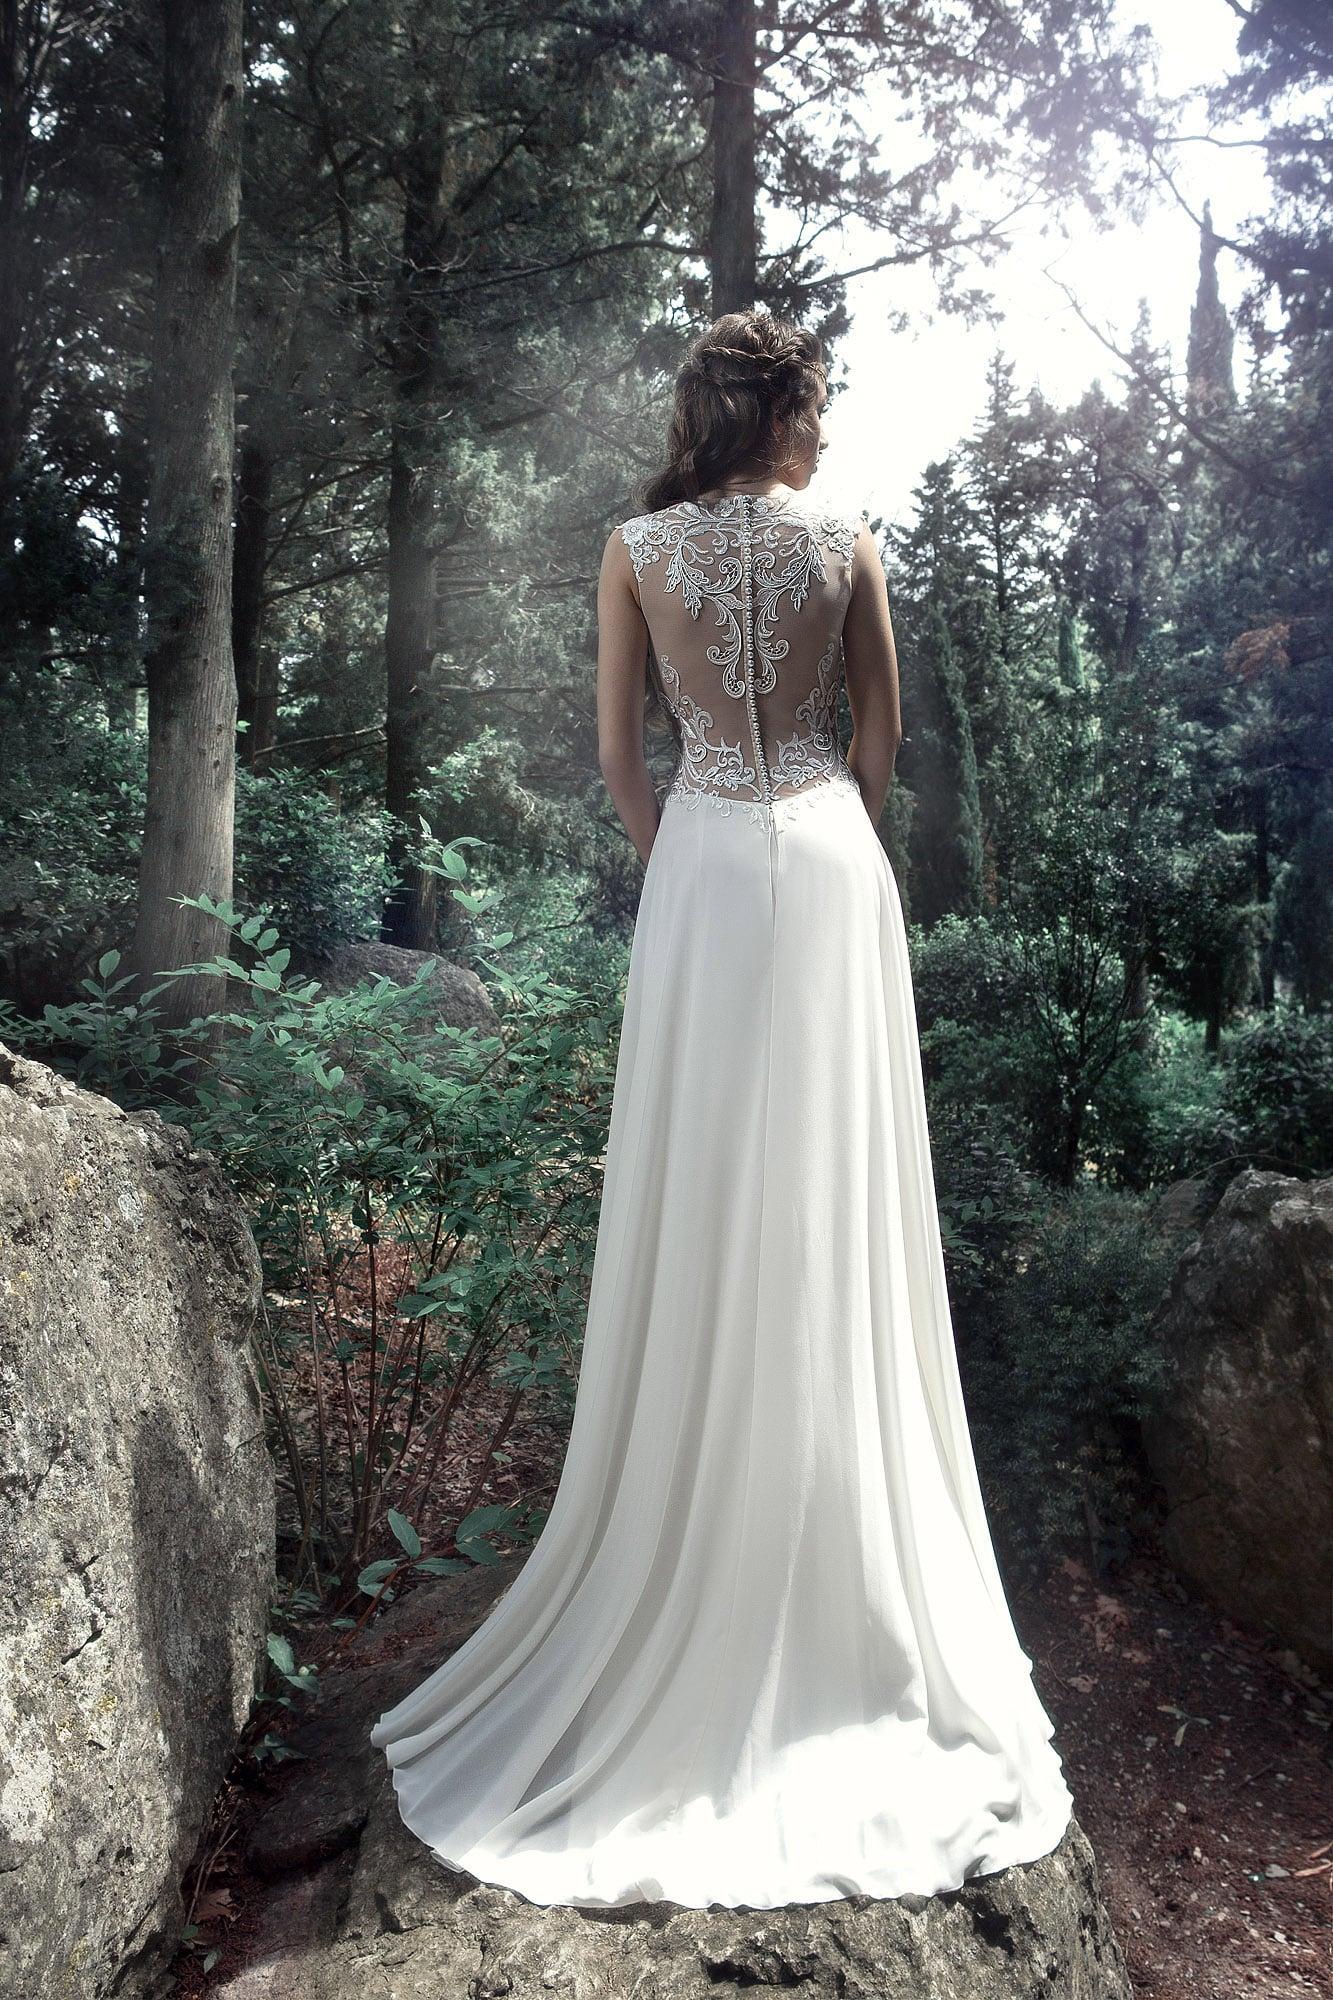 Прямое свадебное платье с кружевным корсетом бежевого цвета.